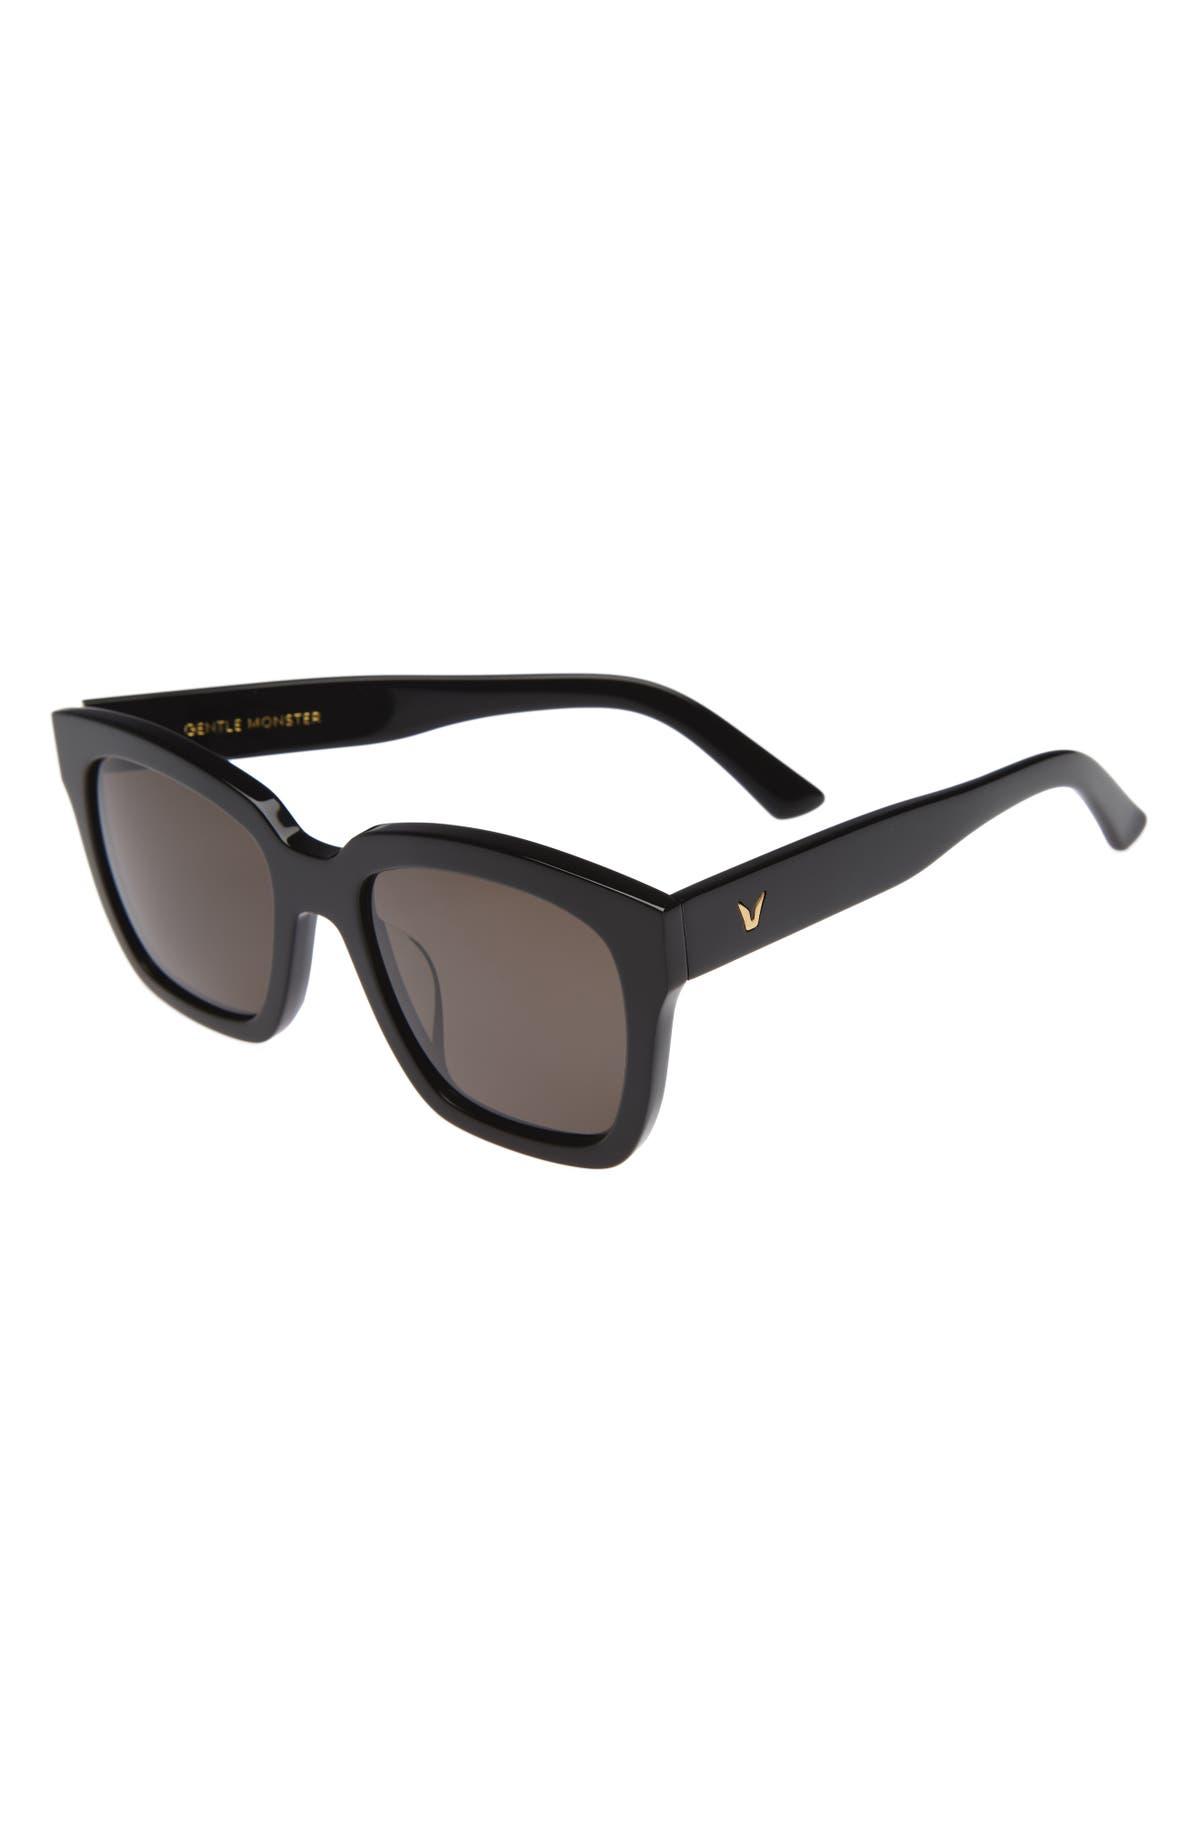 f59e7751c3 Gentle Monster The Dreamer 54mm Sunglasses